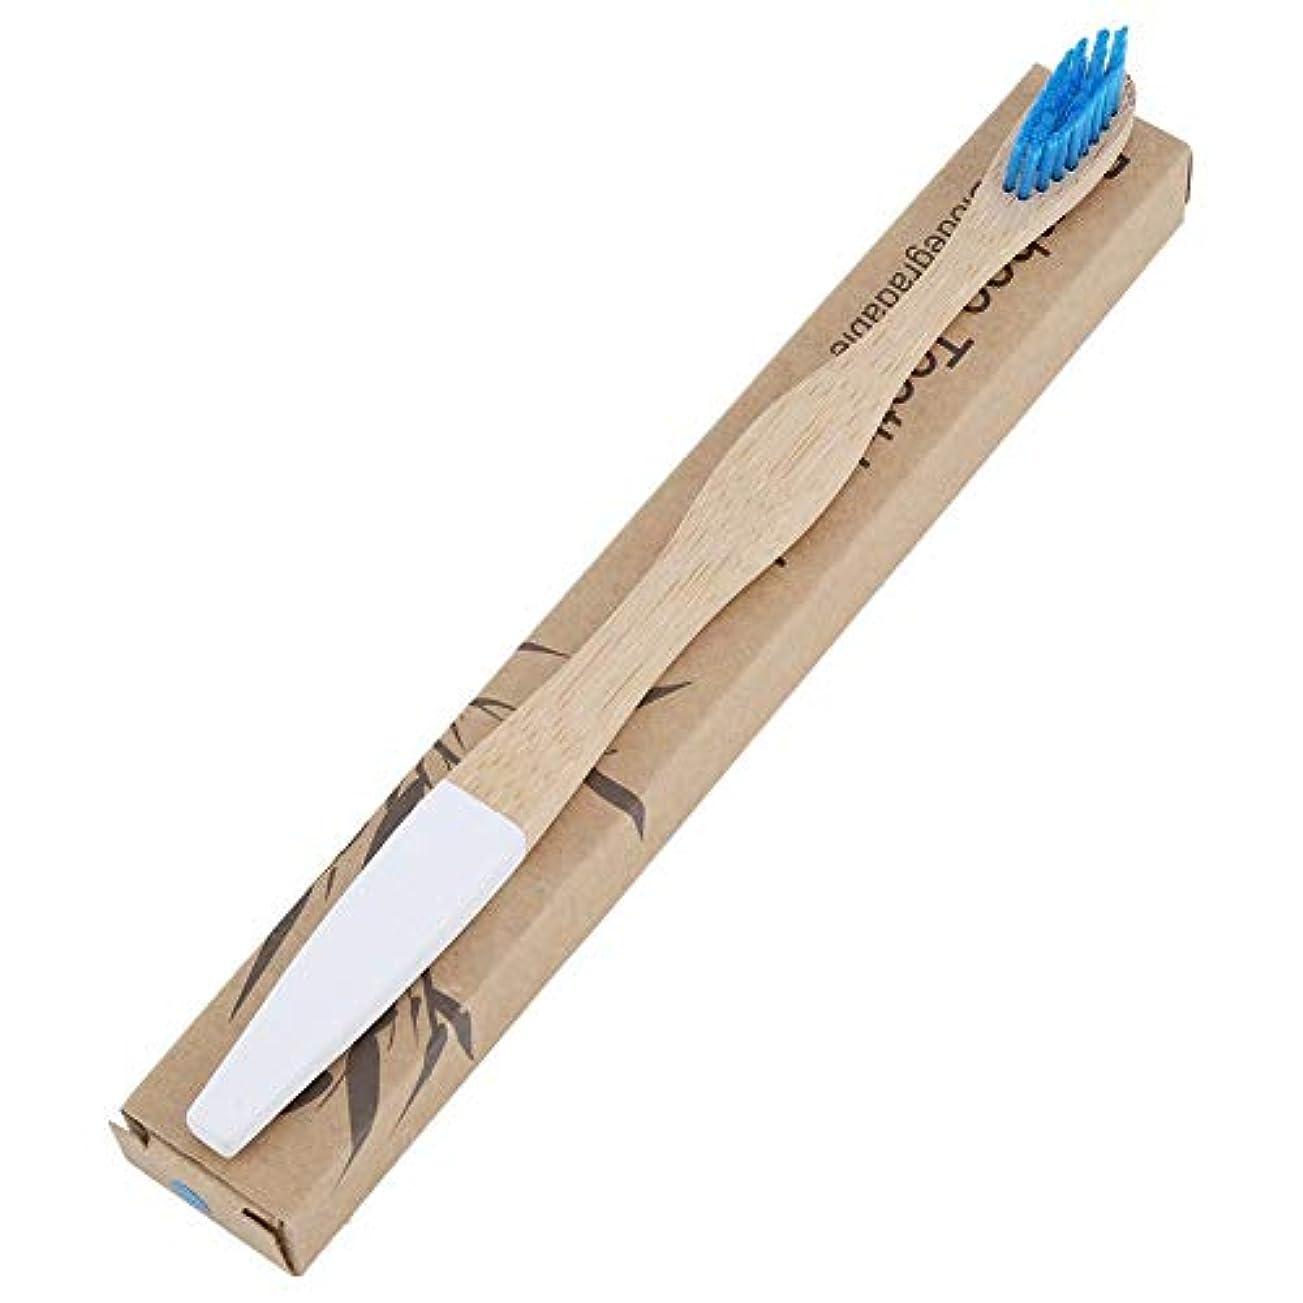 怒ってるだらしない口の健康 贅沢ケア 柔らかい歯ブラシ 歯ブラシ 歯周ケアハブラシ 超極細毛 コンパクトかため 竹ハンドル ブラシ 知覚過敏予防 大人用ハブラシ 2本 色は選べません(ブルー)